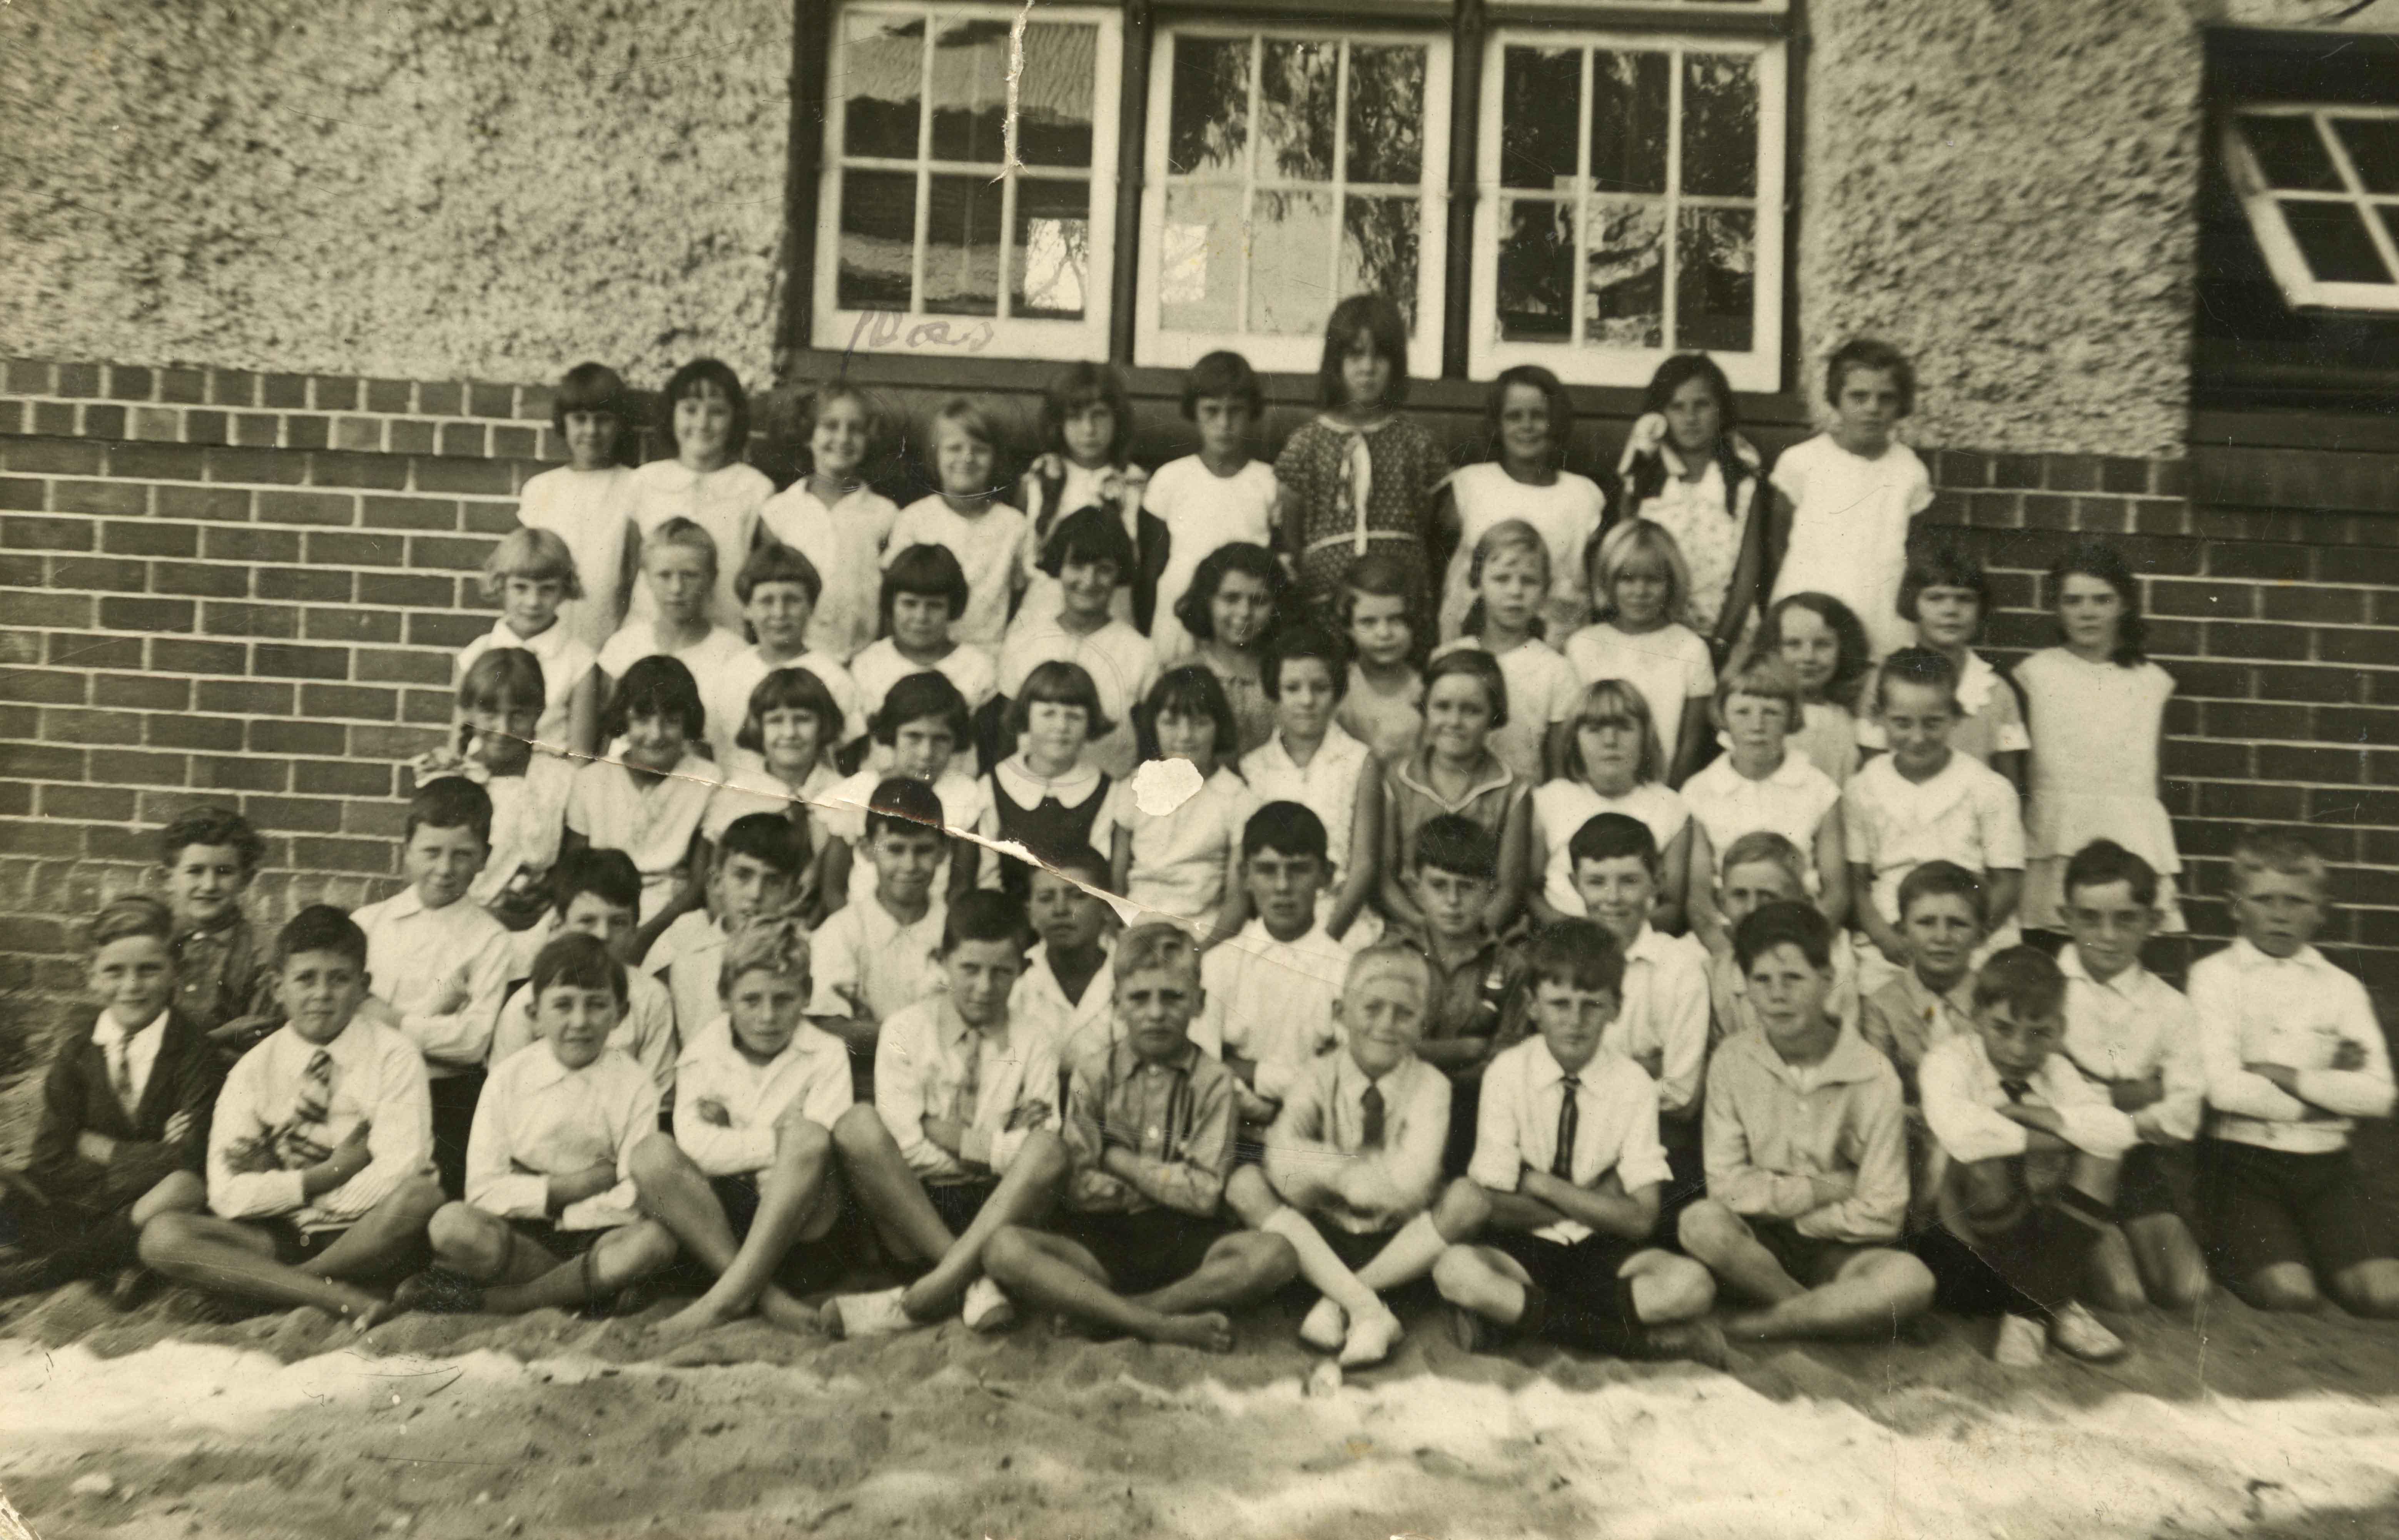 76. North Perth School 1931